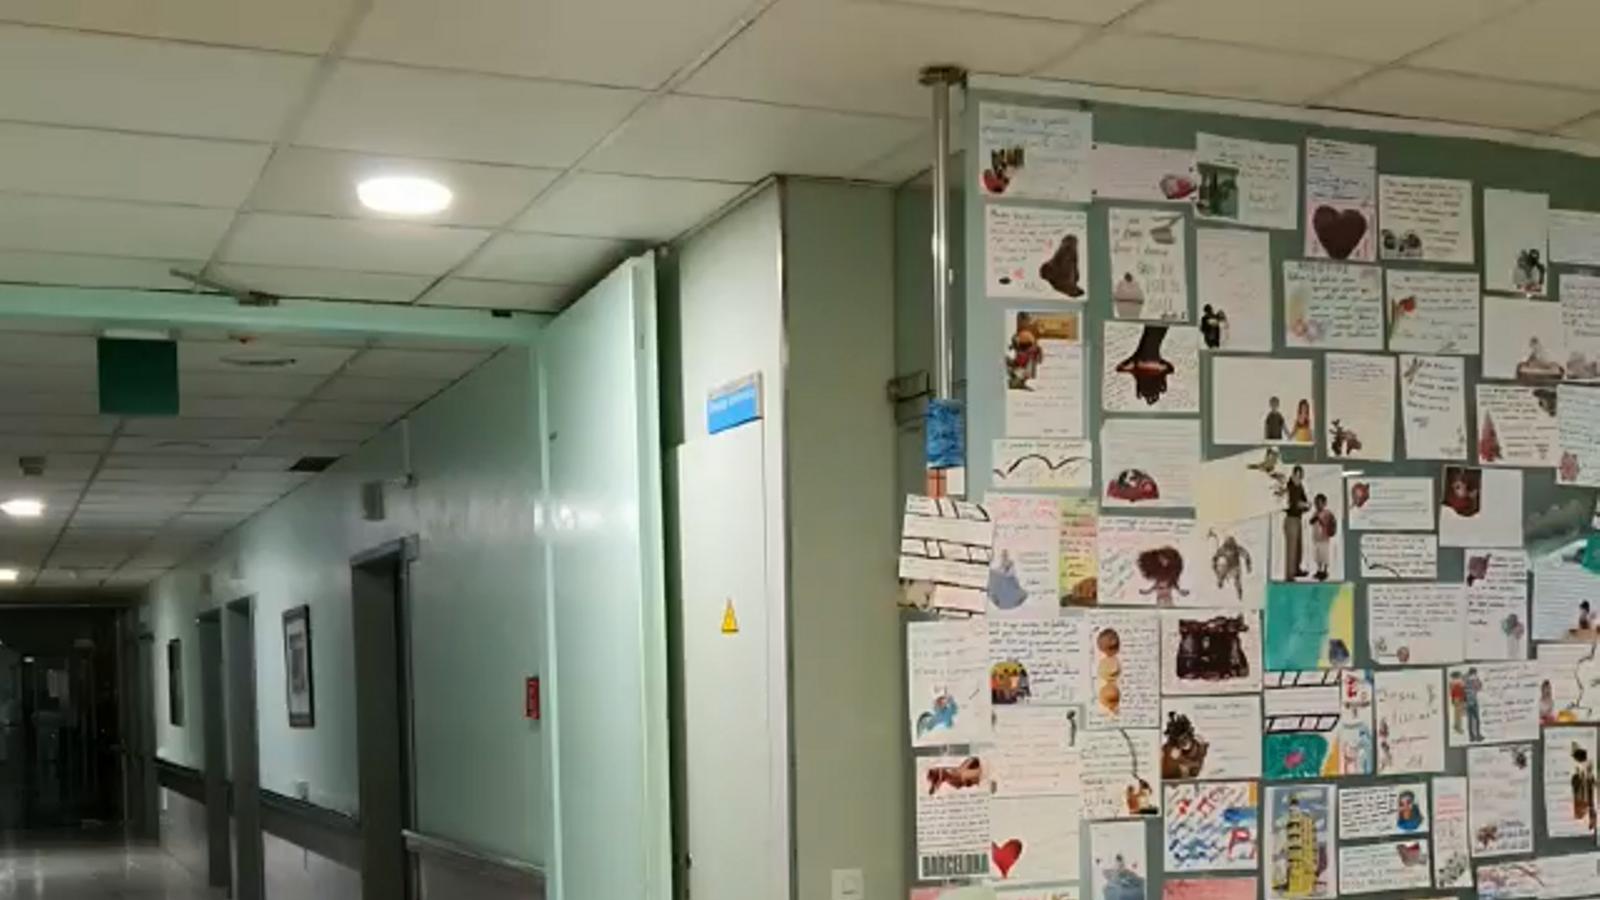 Tres infermers de la Vall d'Hebron agraeixen a les internes de Brians 1 les 130 targetes per animar els malalts durant la pandèmia, en un vídeo cedit a l'ARA per ells mateixos